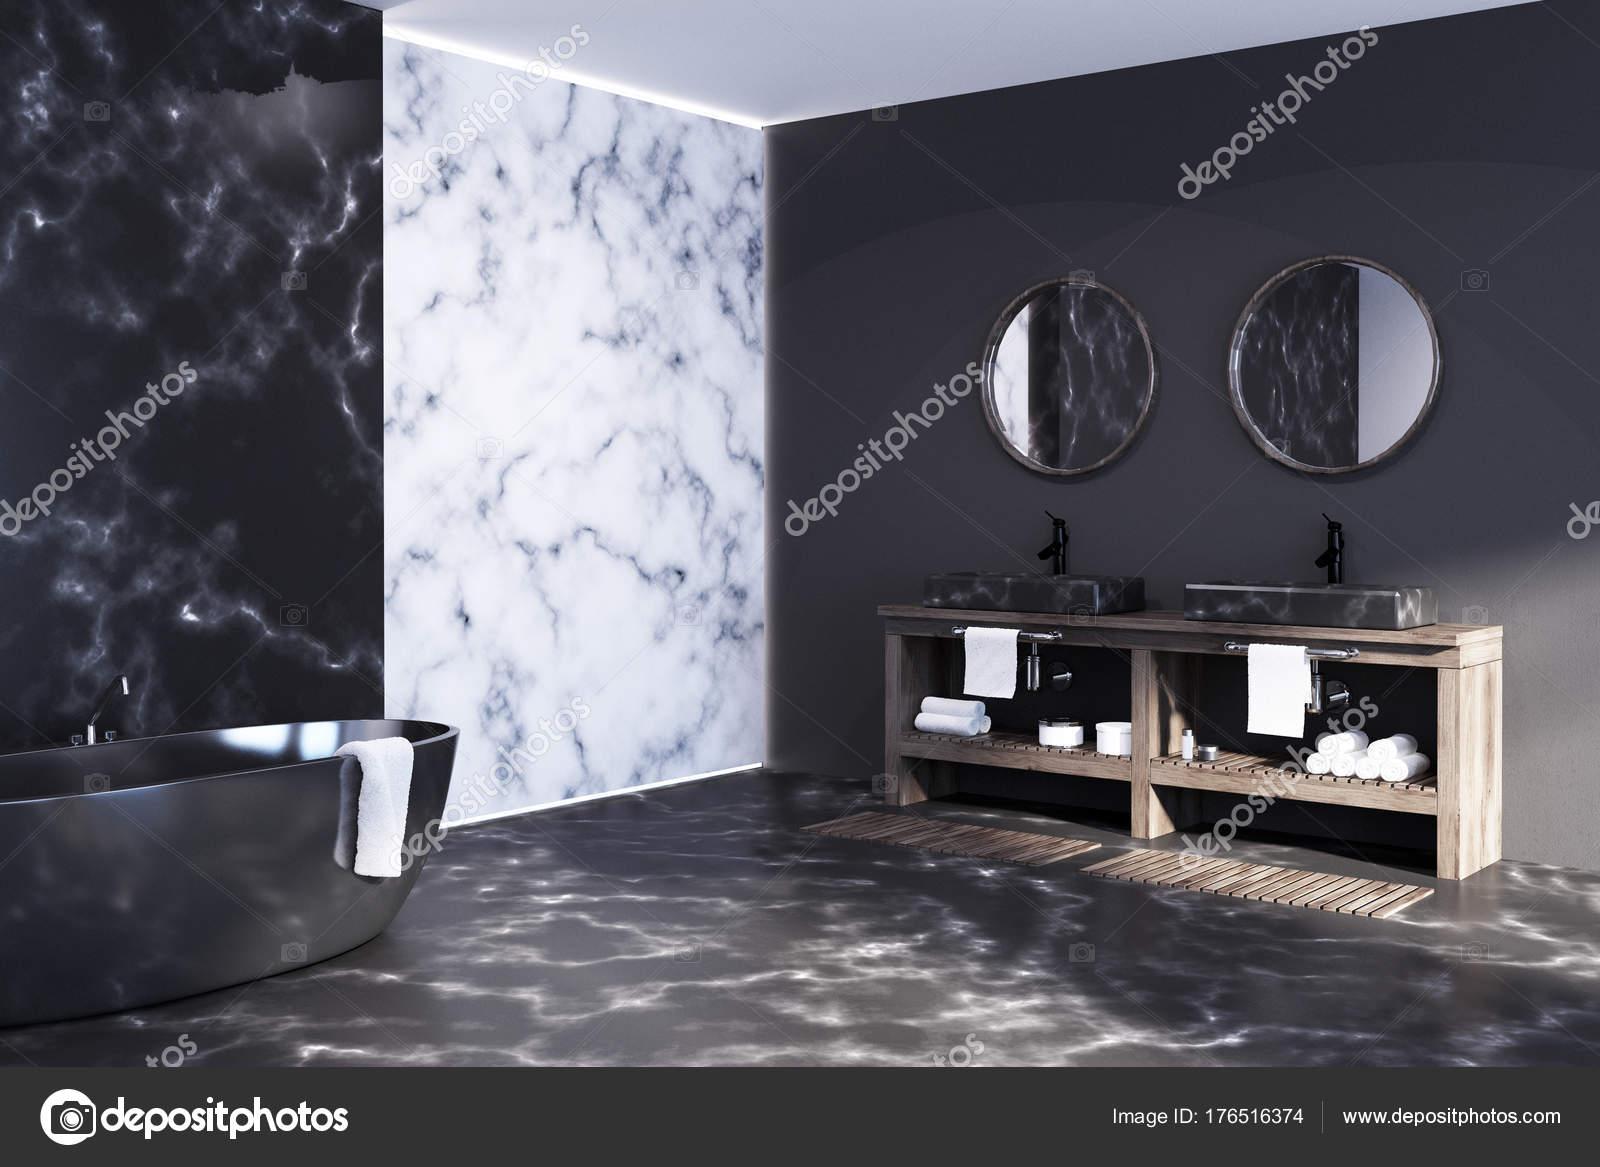 Bagni In Marmo Nero : Bagno in marmo bianco e nero u2014 foto stock © denisismagilov #176516374